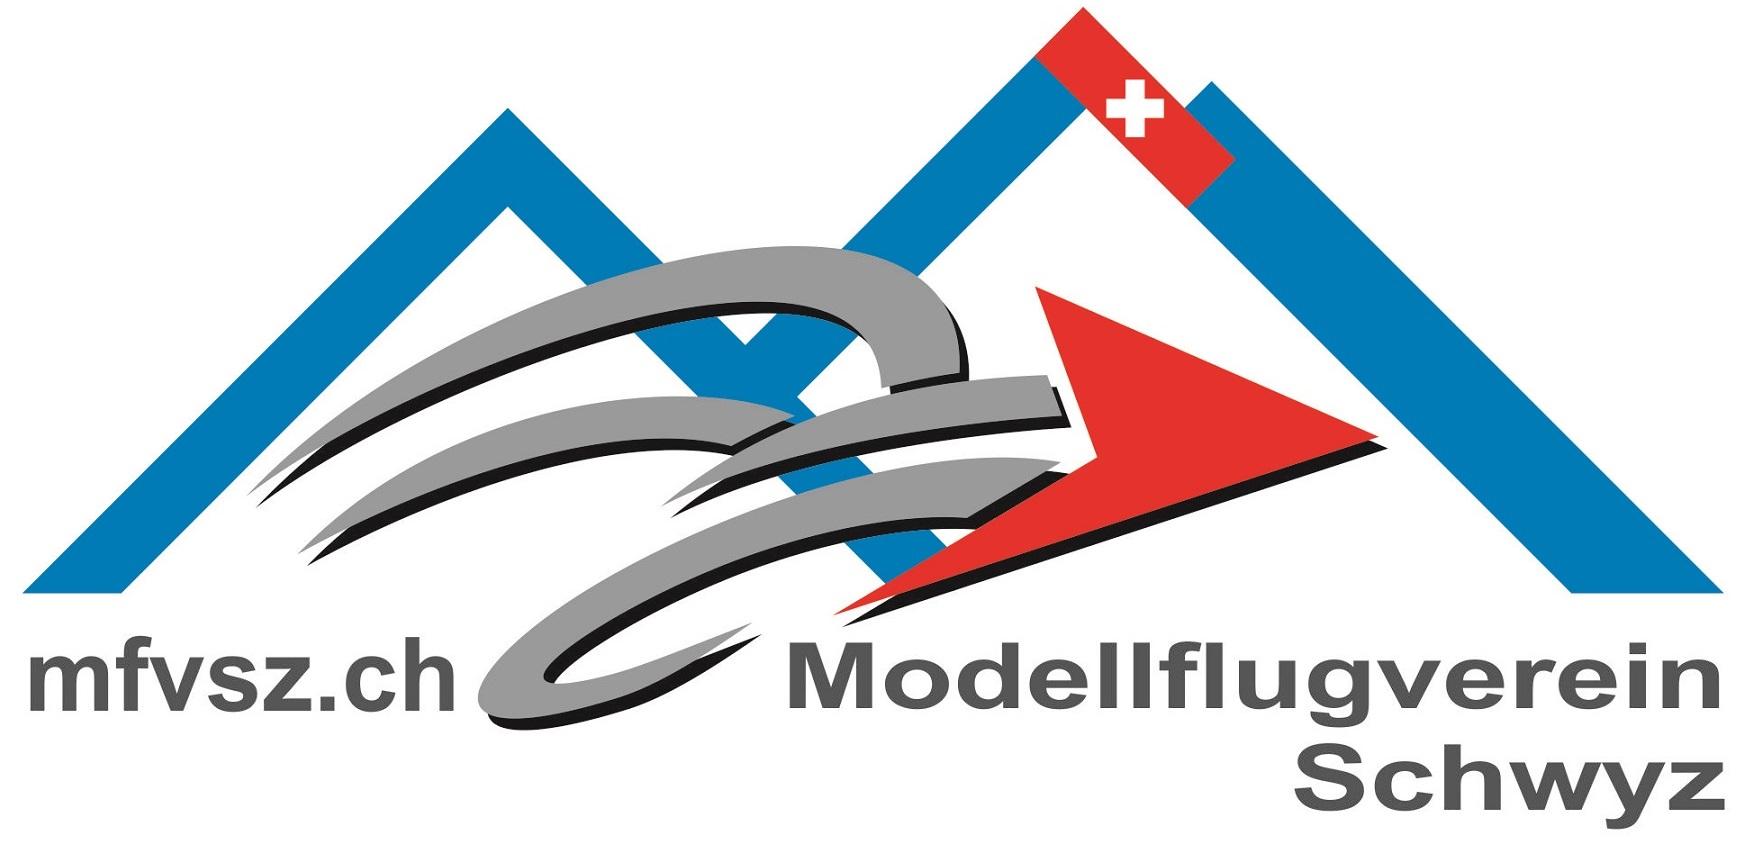 Modellflugverein Schwyz